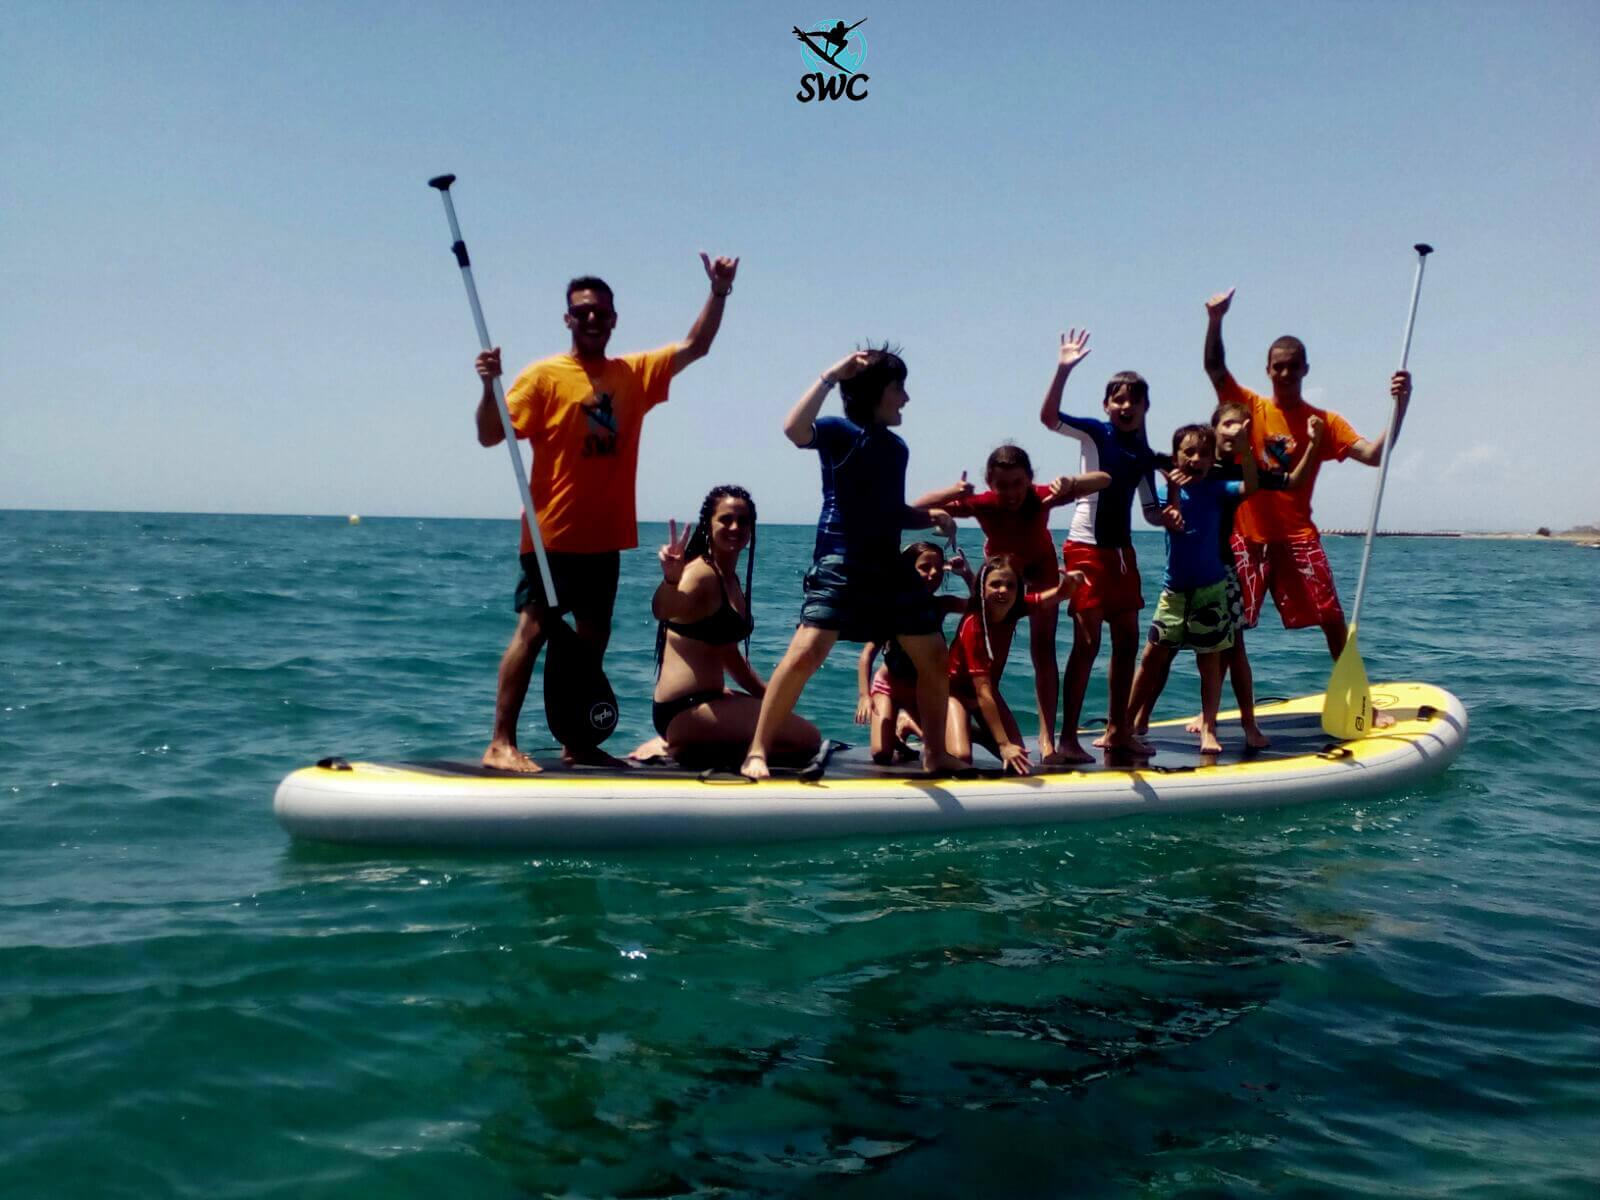 Surfcamp Club & School Surfing World Cubelles in Cubelles, Cataluña, España